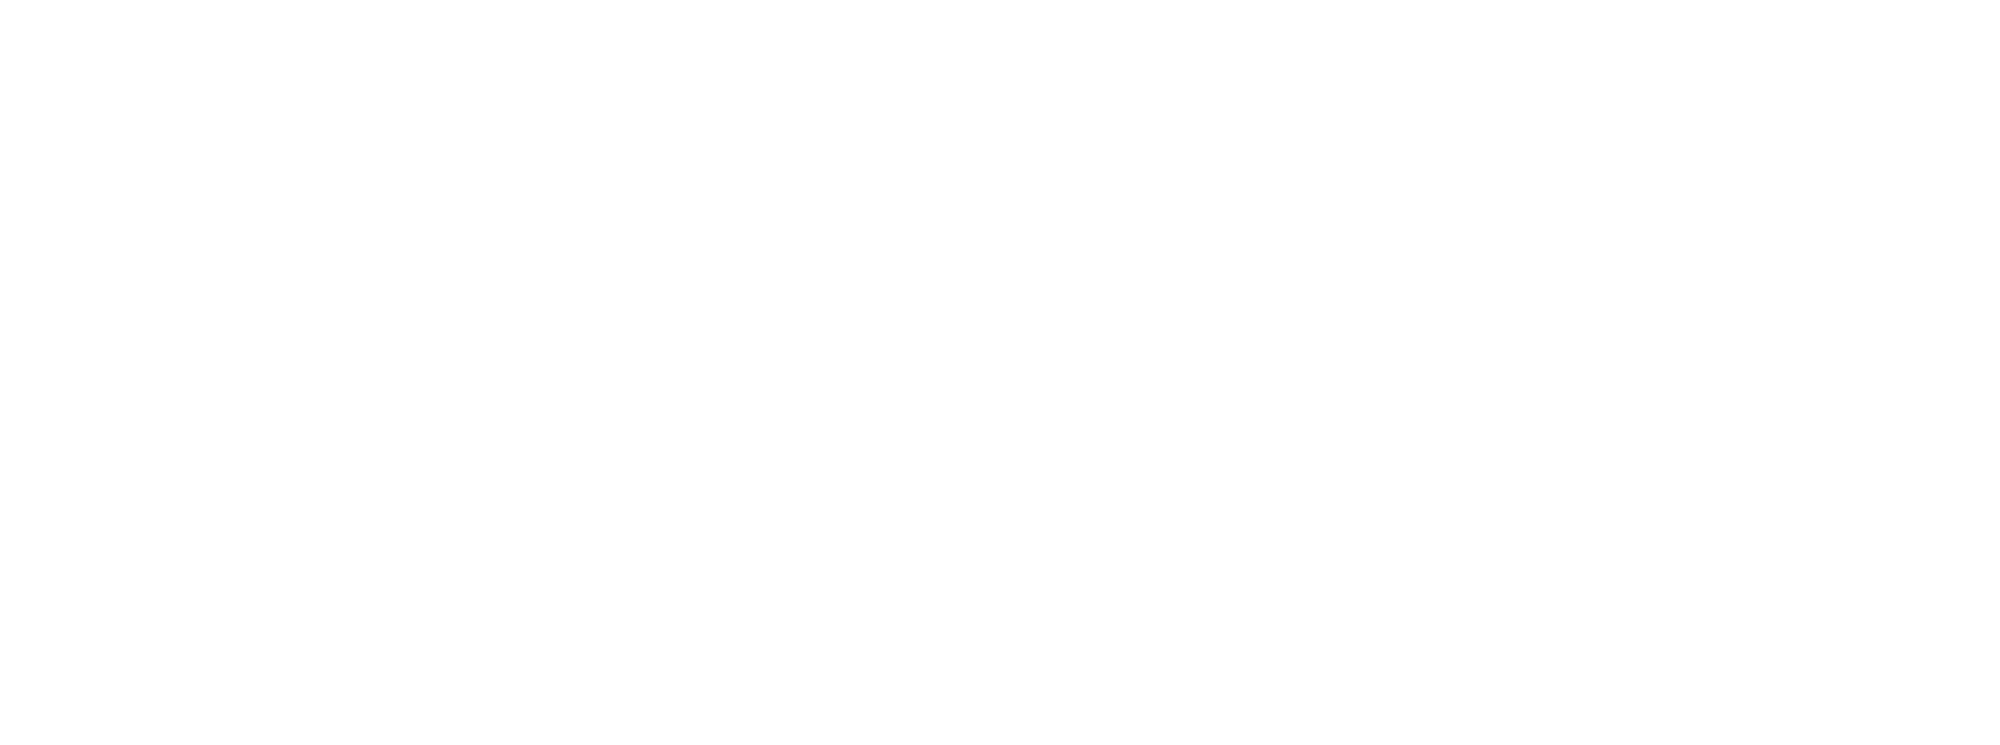 TRANAUTO - CONCESSIONNAIRE VOLKSWAGEN - slide 01